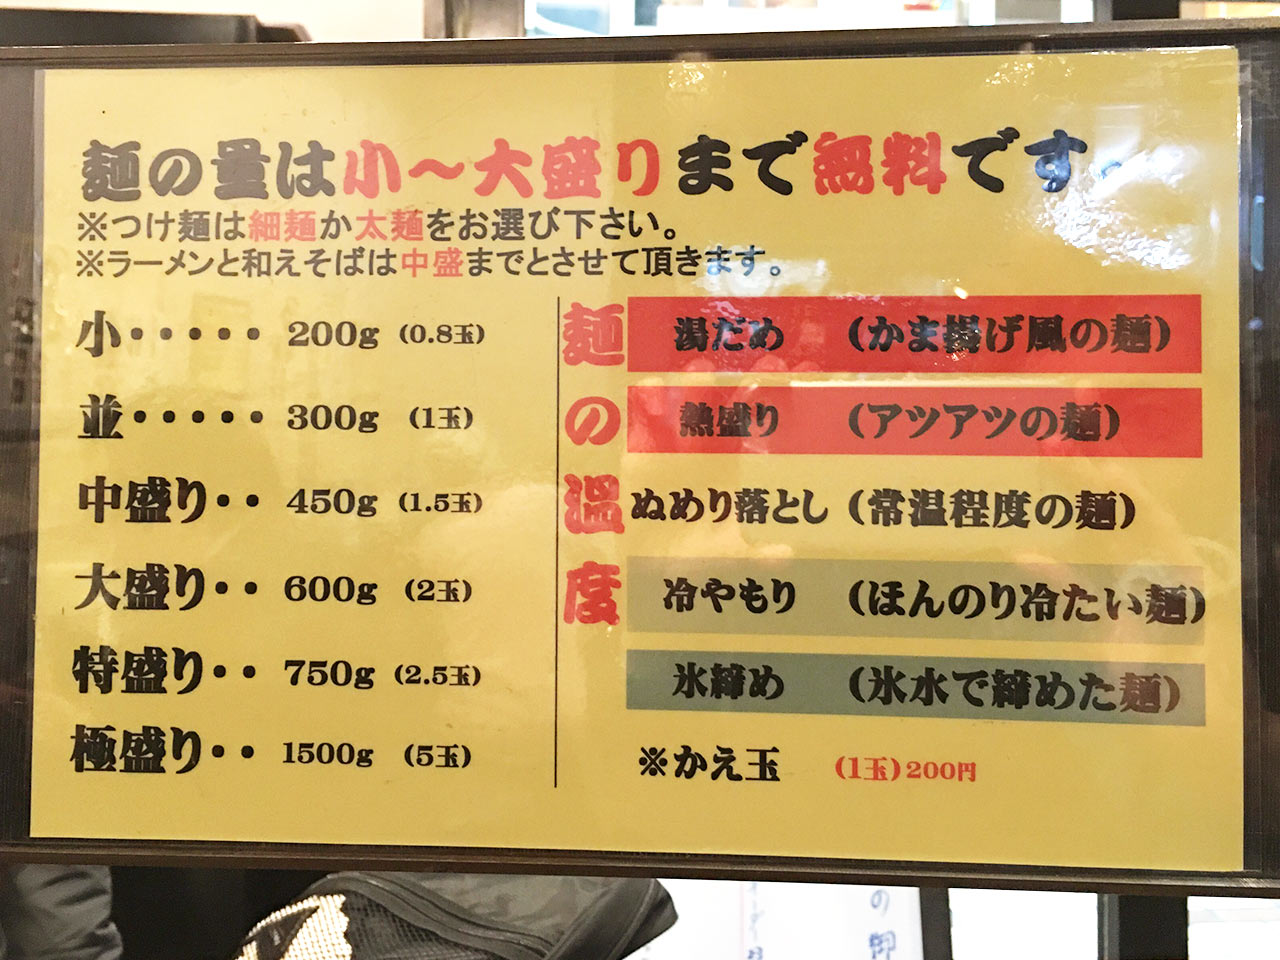 三ツ矢堂製麺の麺のメニュー